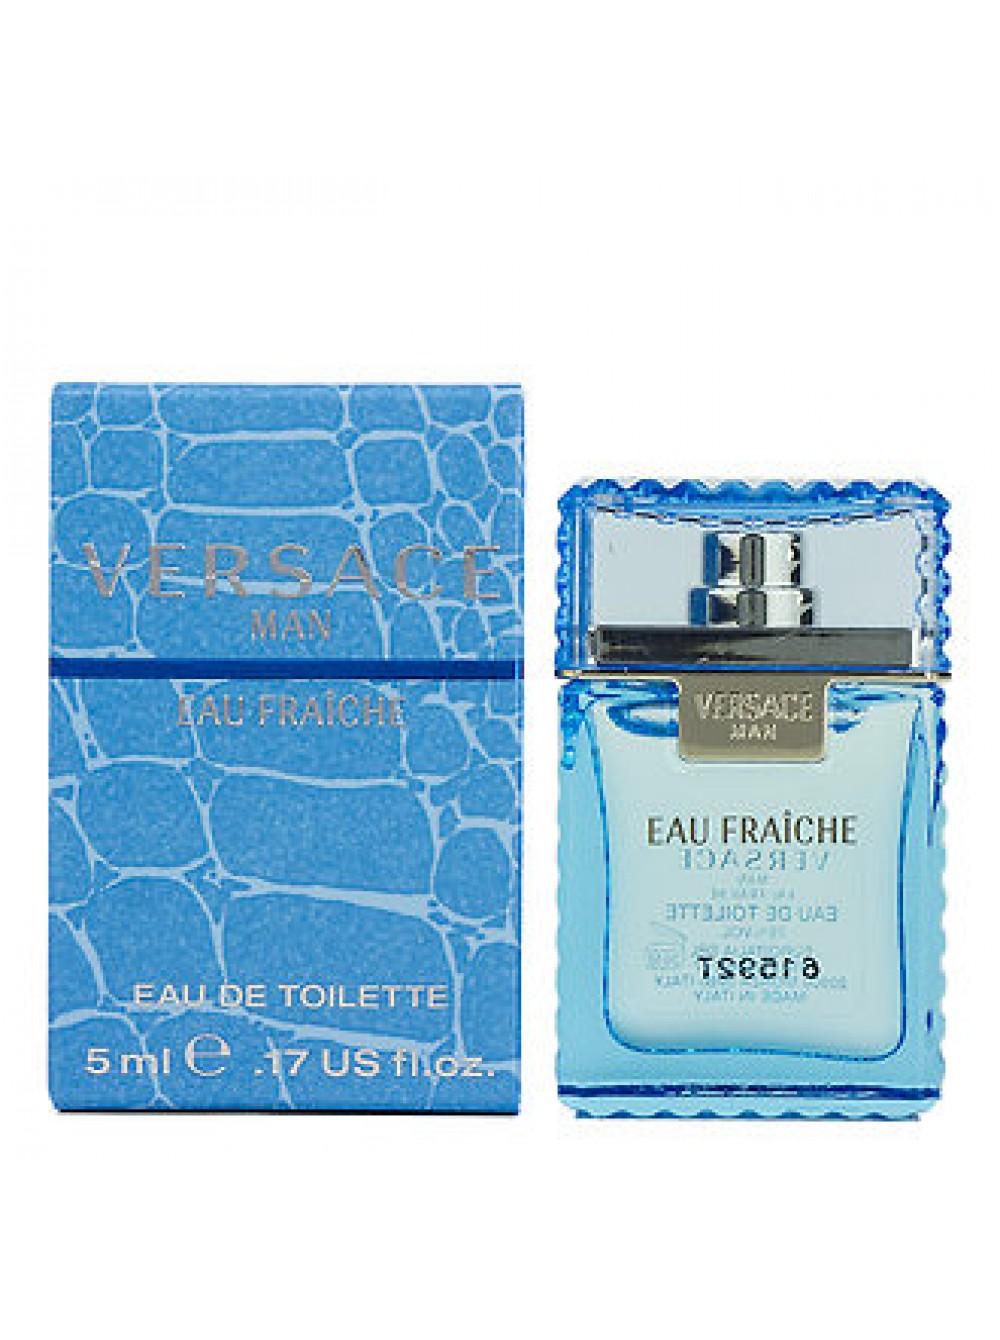 купить Versace Man Eau Fraiche миниатюра 5 мл в интернет магазине